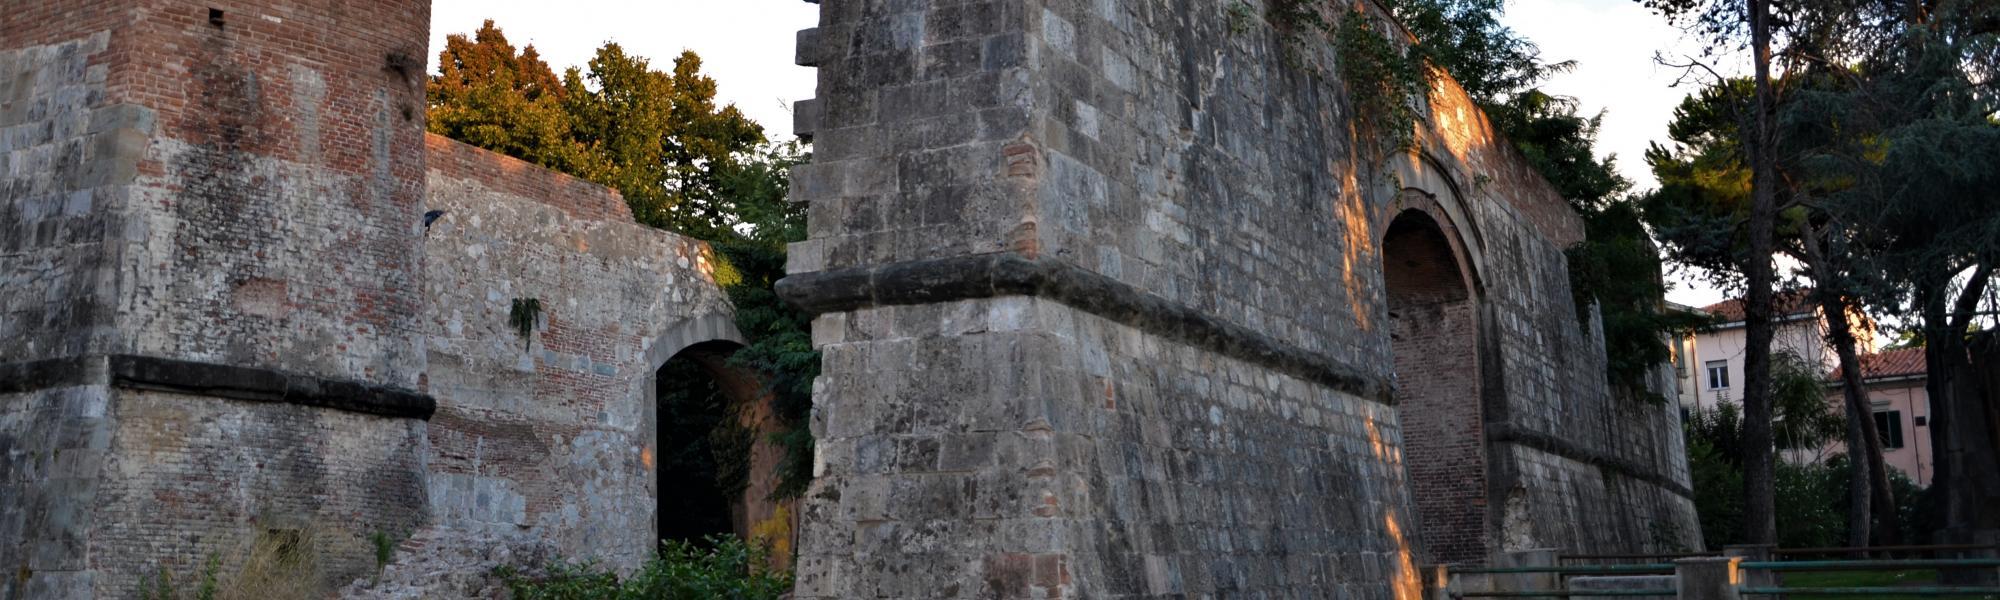 Bastione Stampace (L. Corevi, Comune di Pisa)